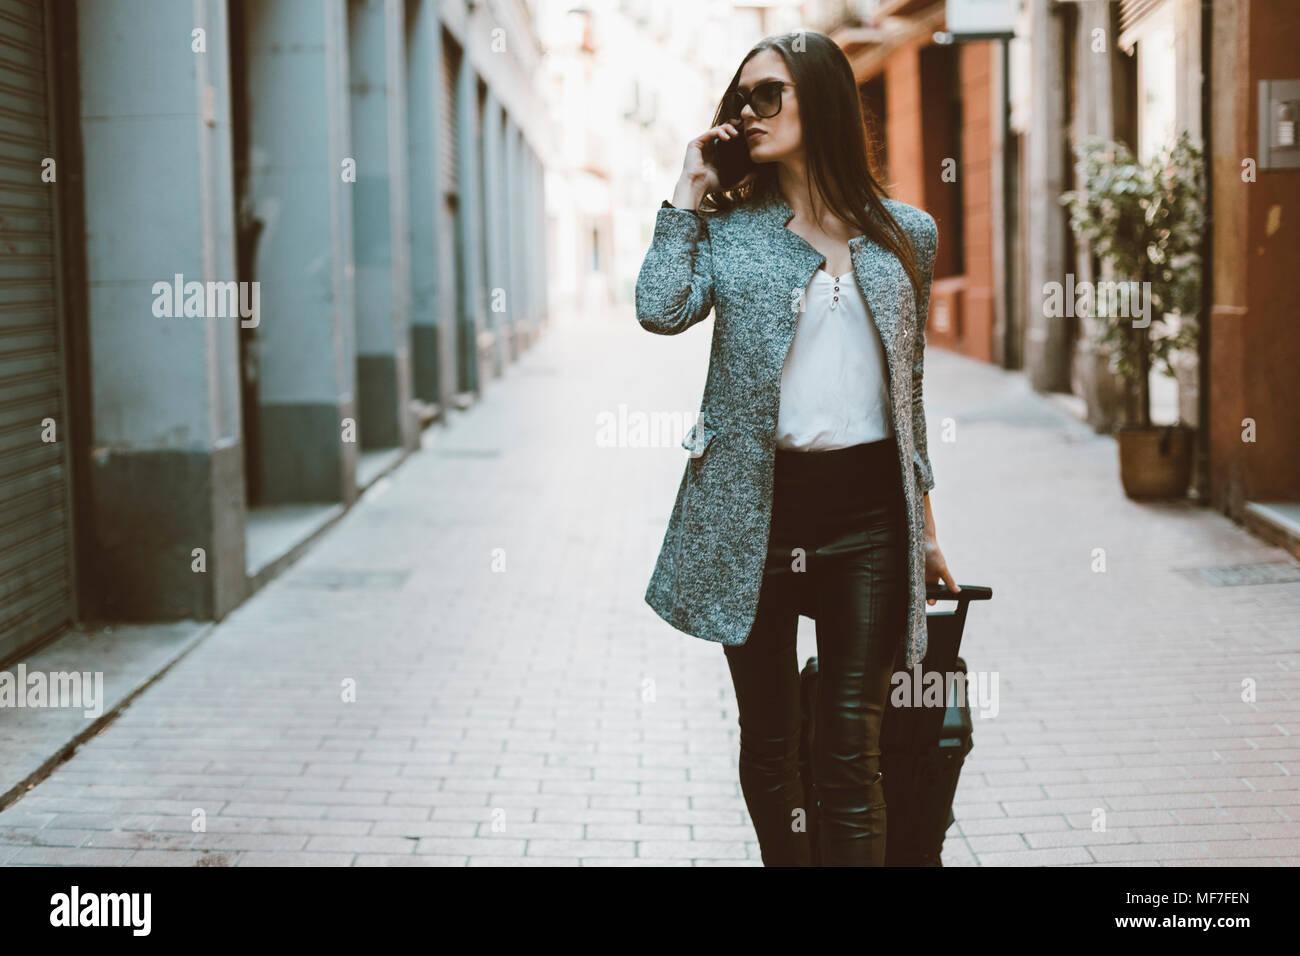 En el teléfono de jóvenes turistas caminando por la calle Imagen De Stock